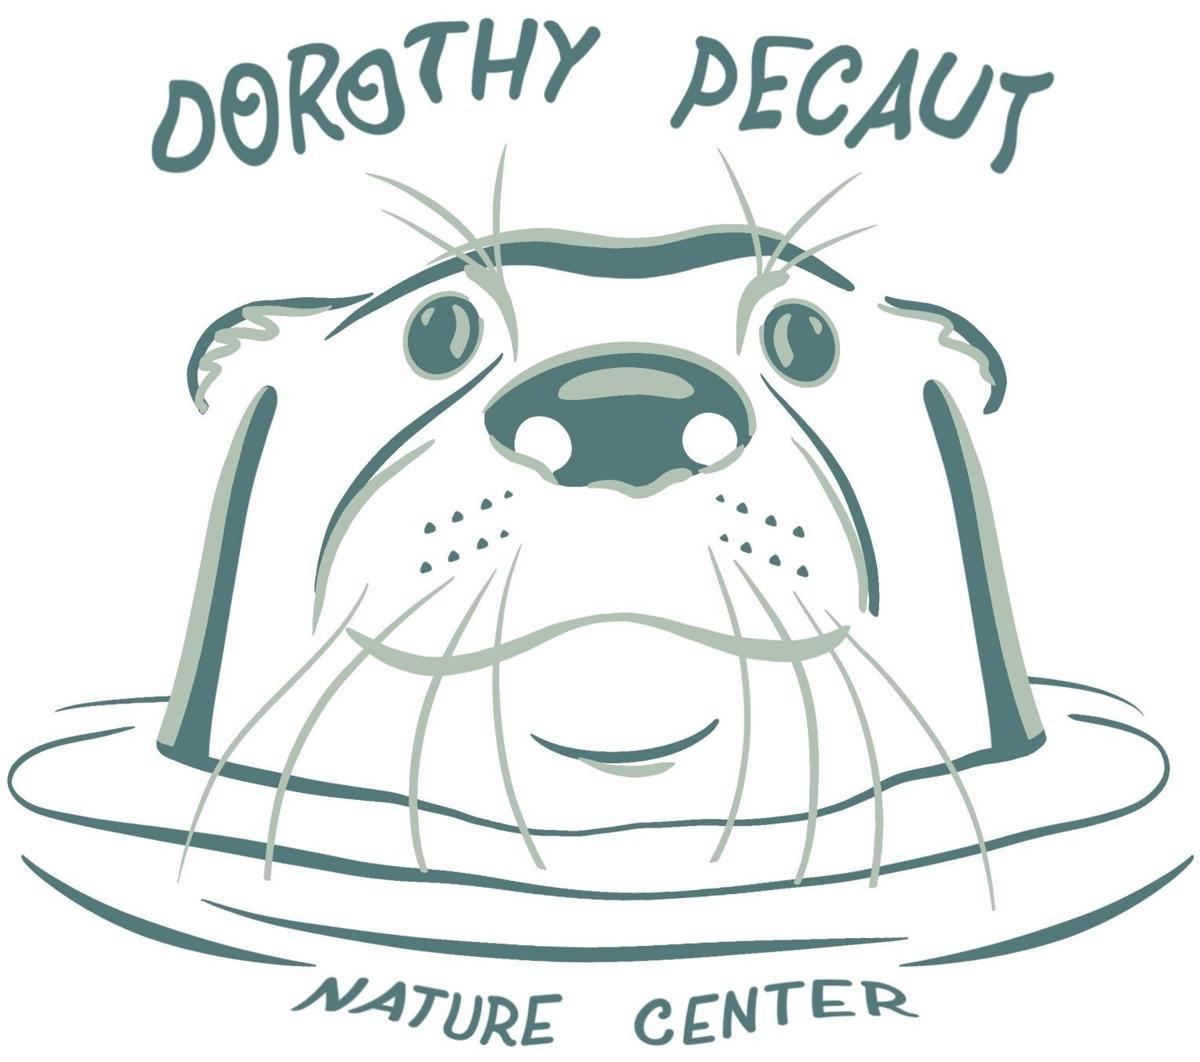 nature calls otter logo